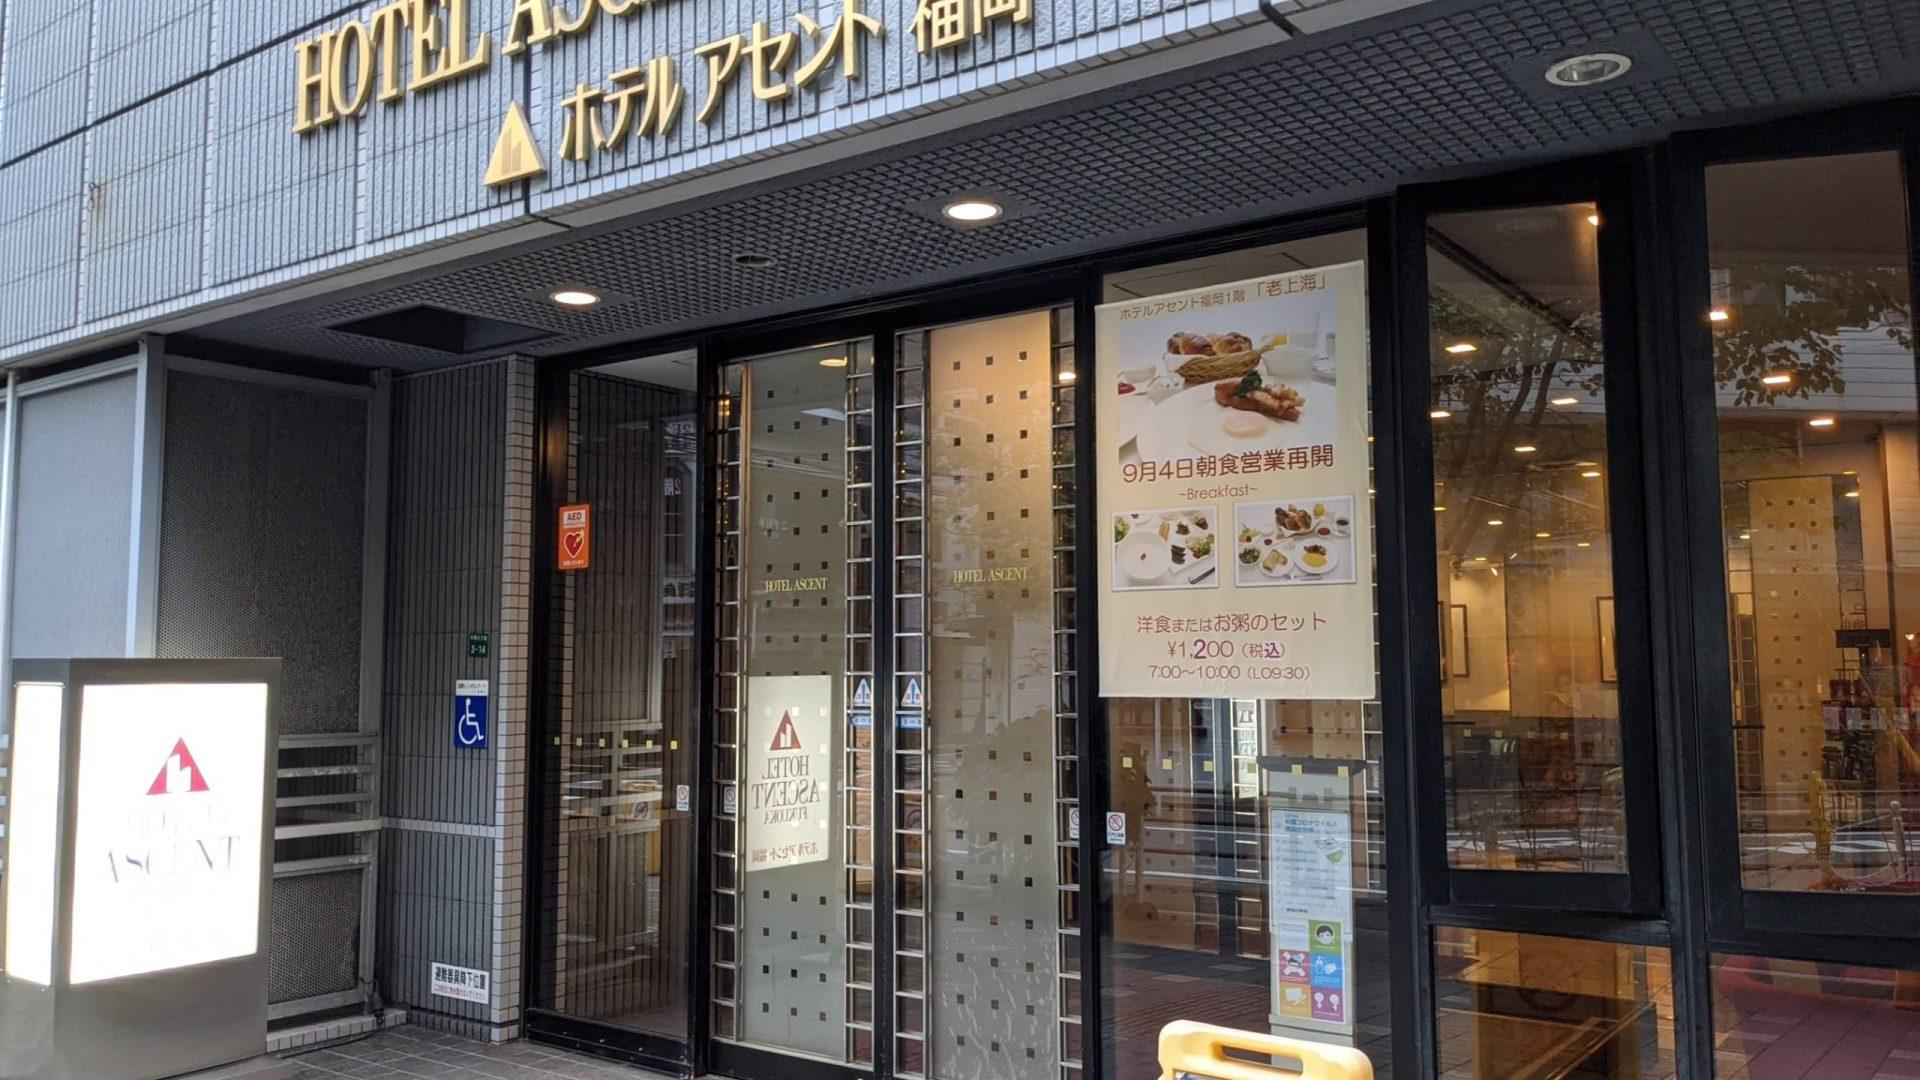 湘南美容クリニックAGA福岡院が入っているホテルアセントのエントランス写真